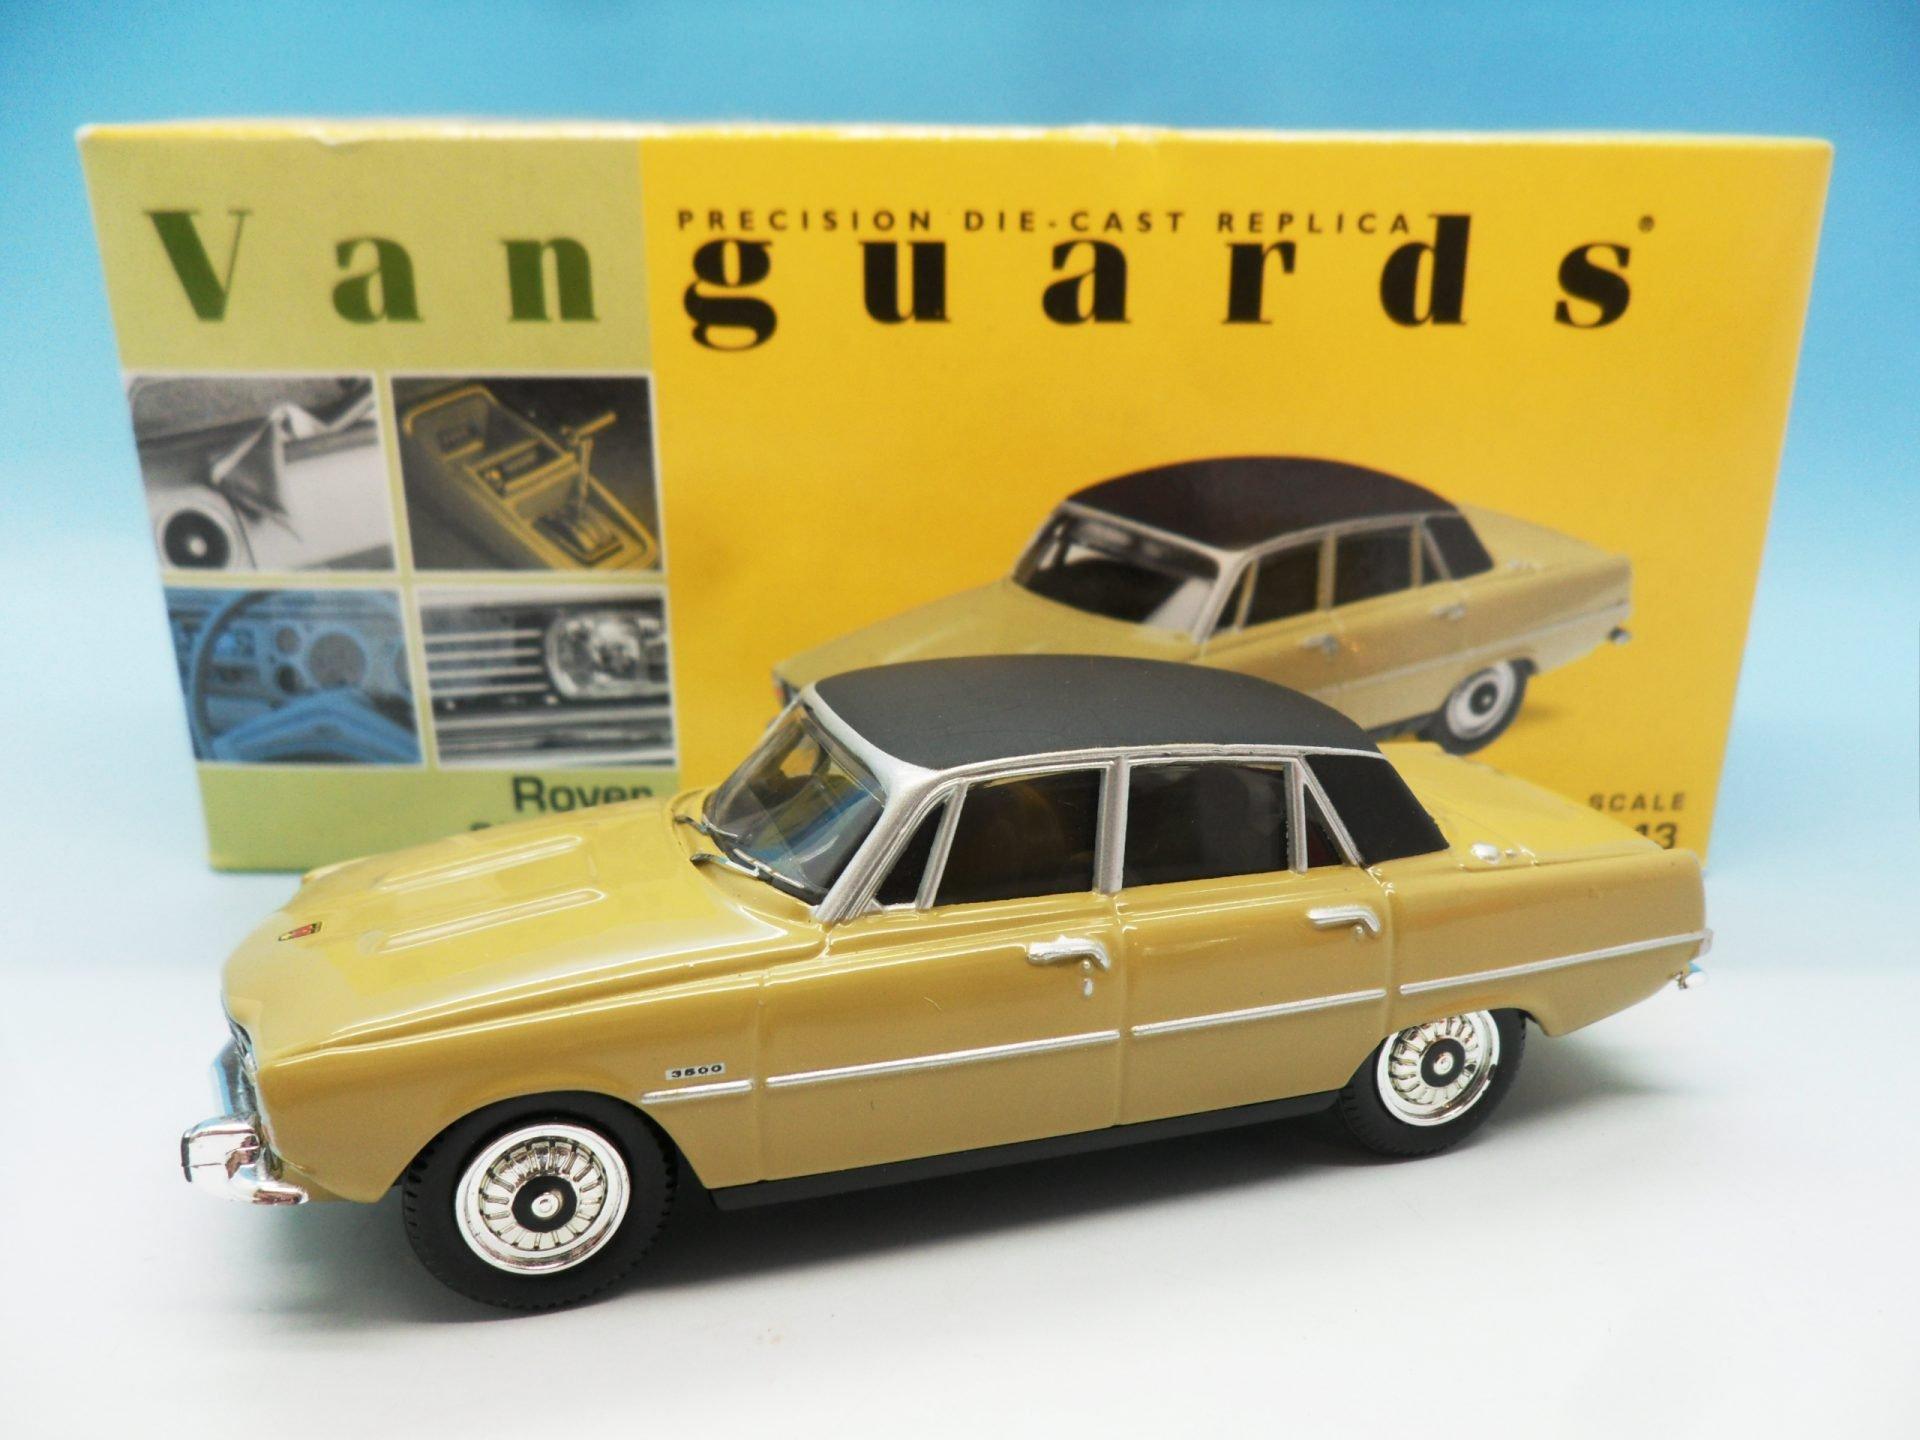 Vanguards Rover P6 3500 V8 Almond VA06500 1/43